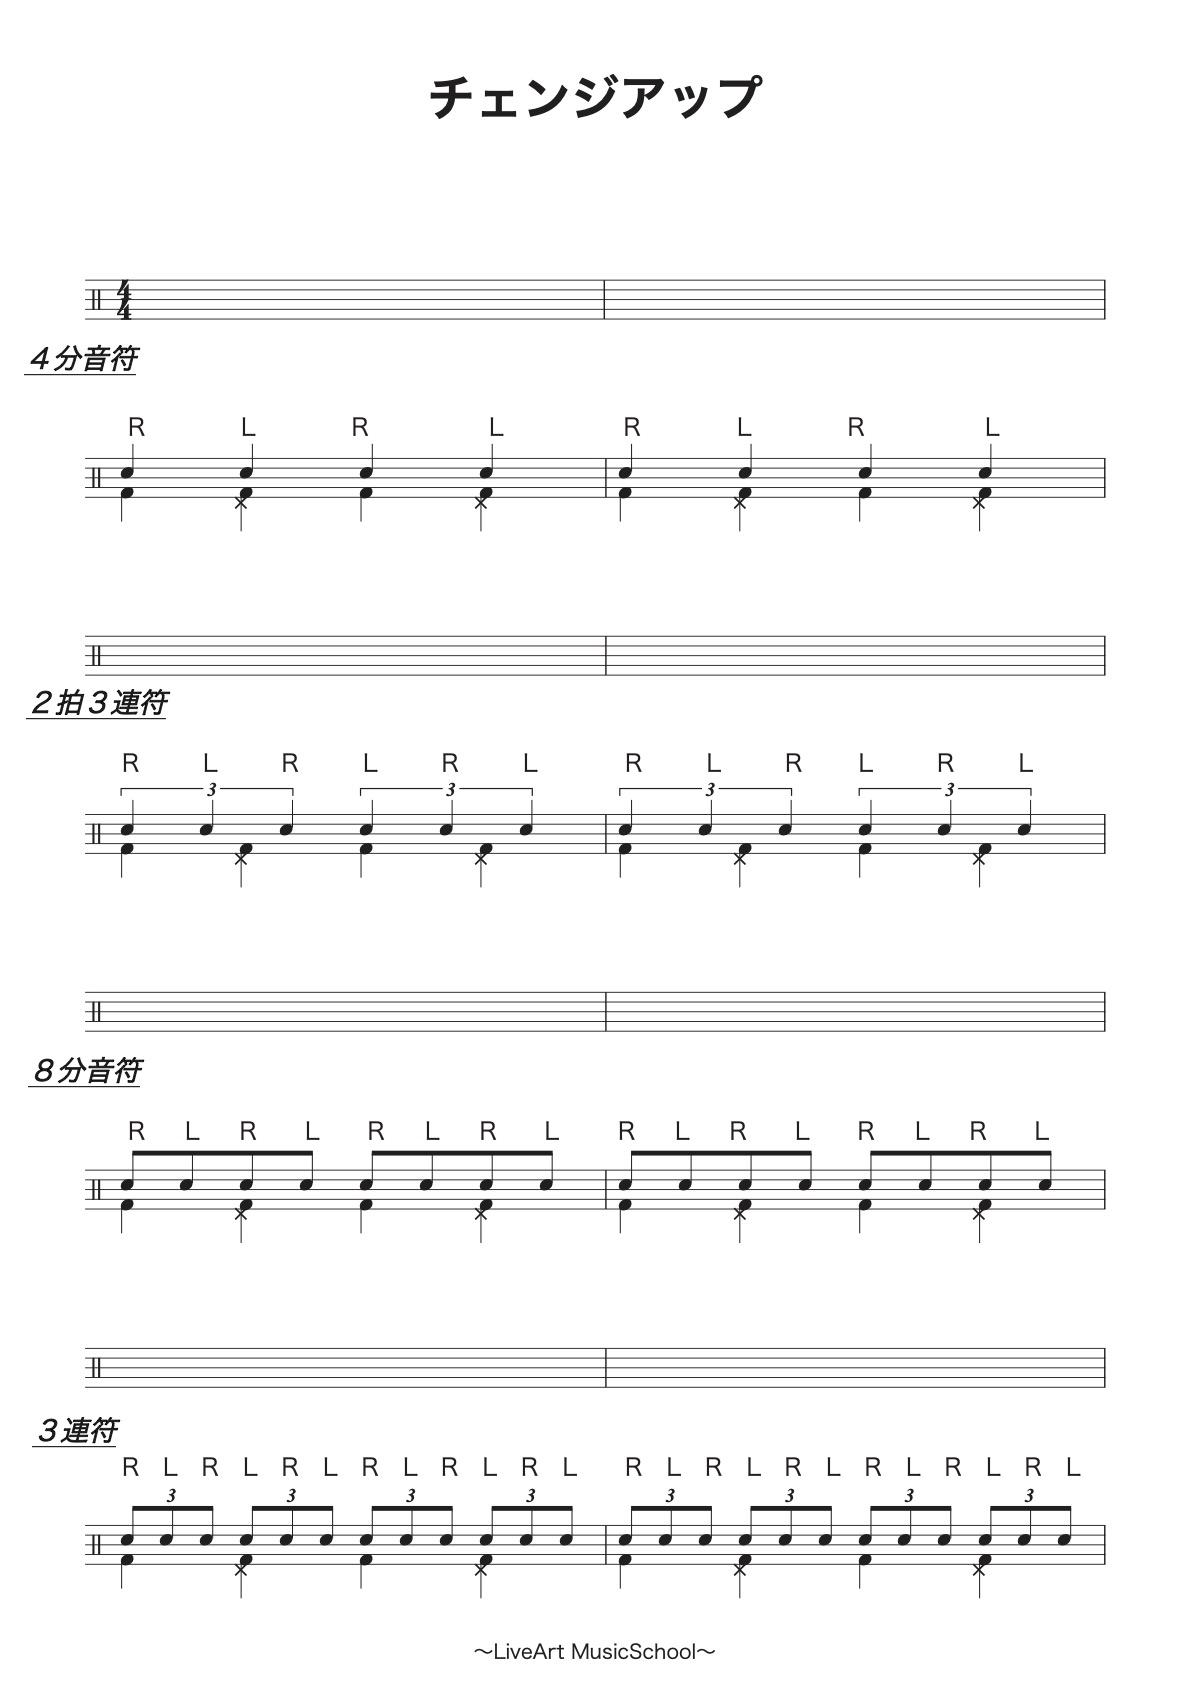 ドラム,チェンジアップ楽譜1